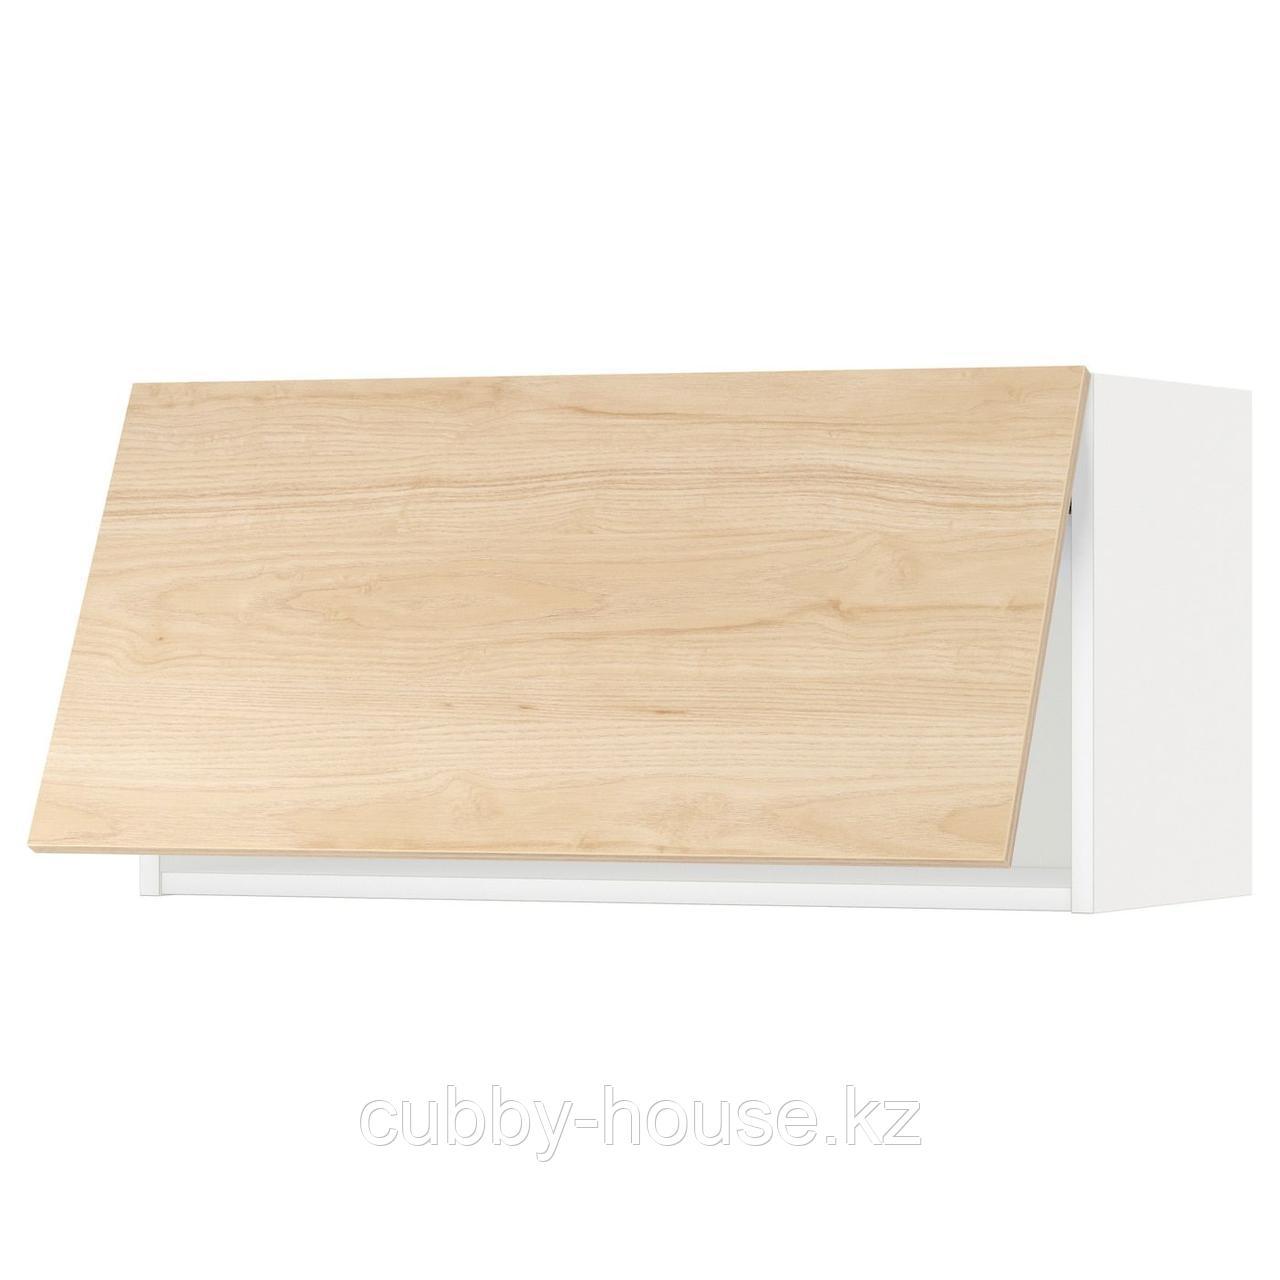 МЕТОД Горизонтальный навесной шкаф, белый, Аскерсунд под светлый ясень, 80x40 см